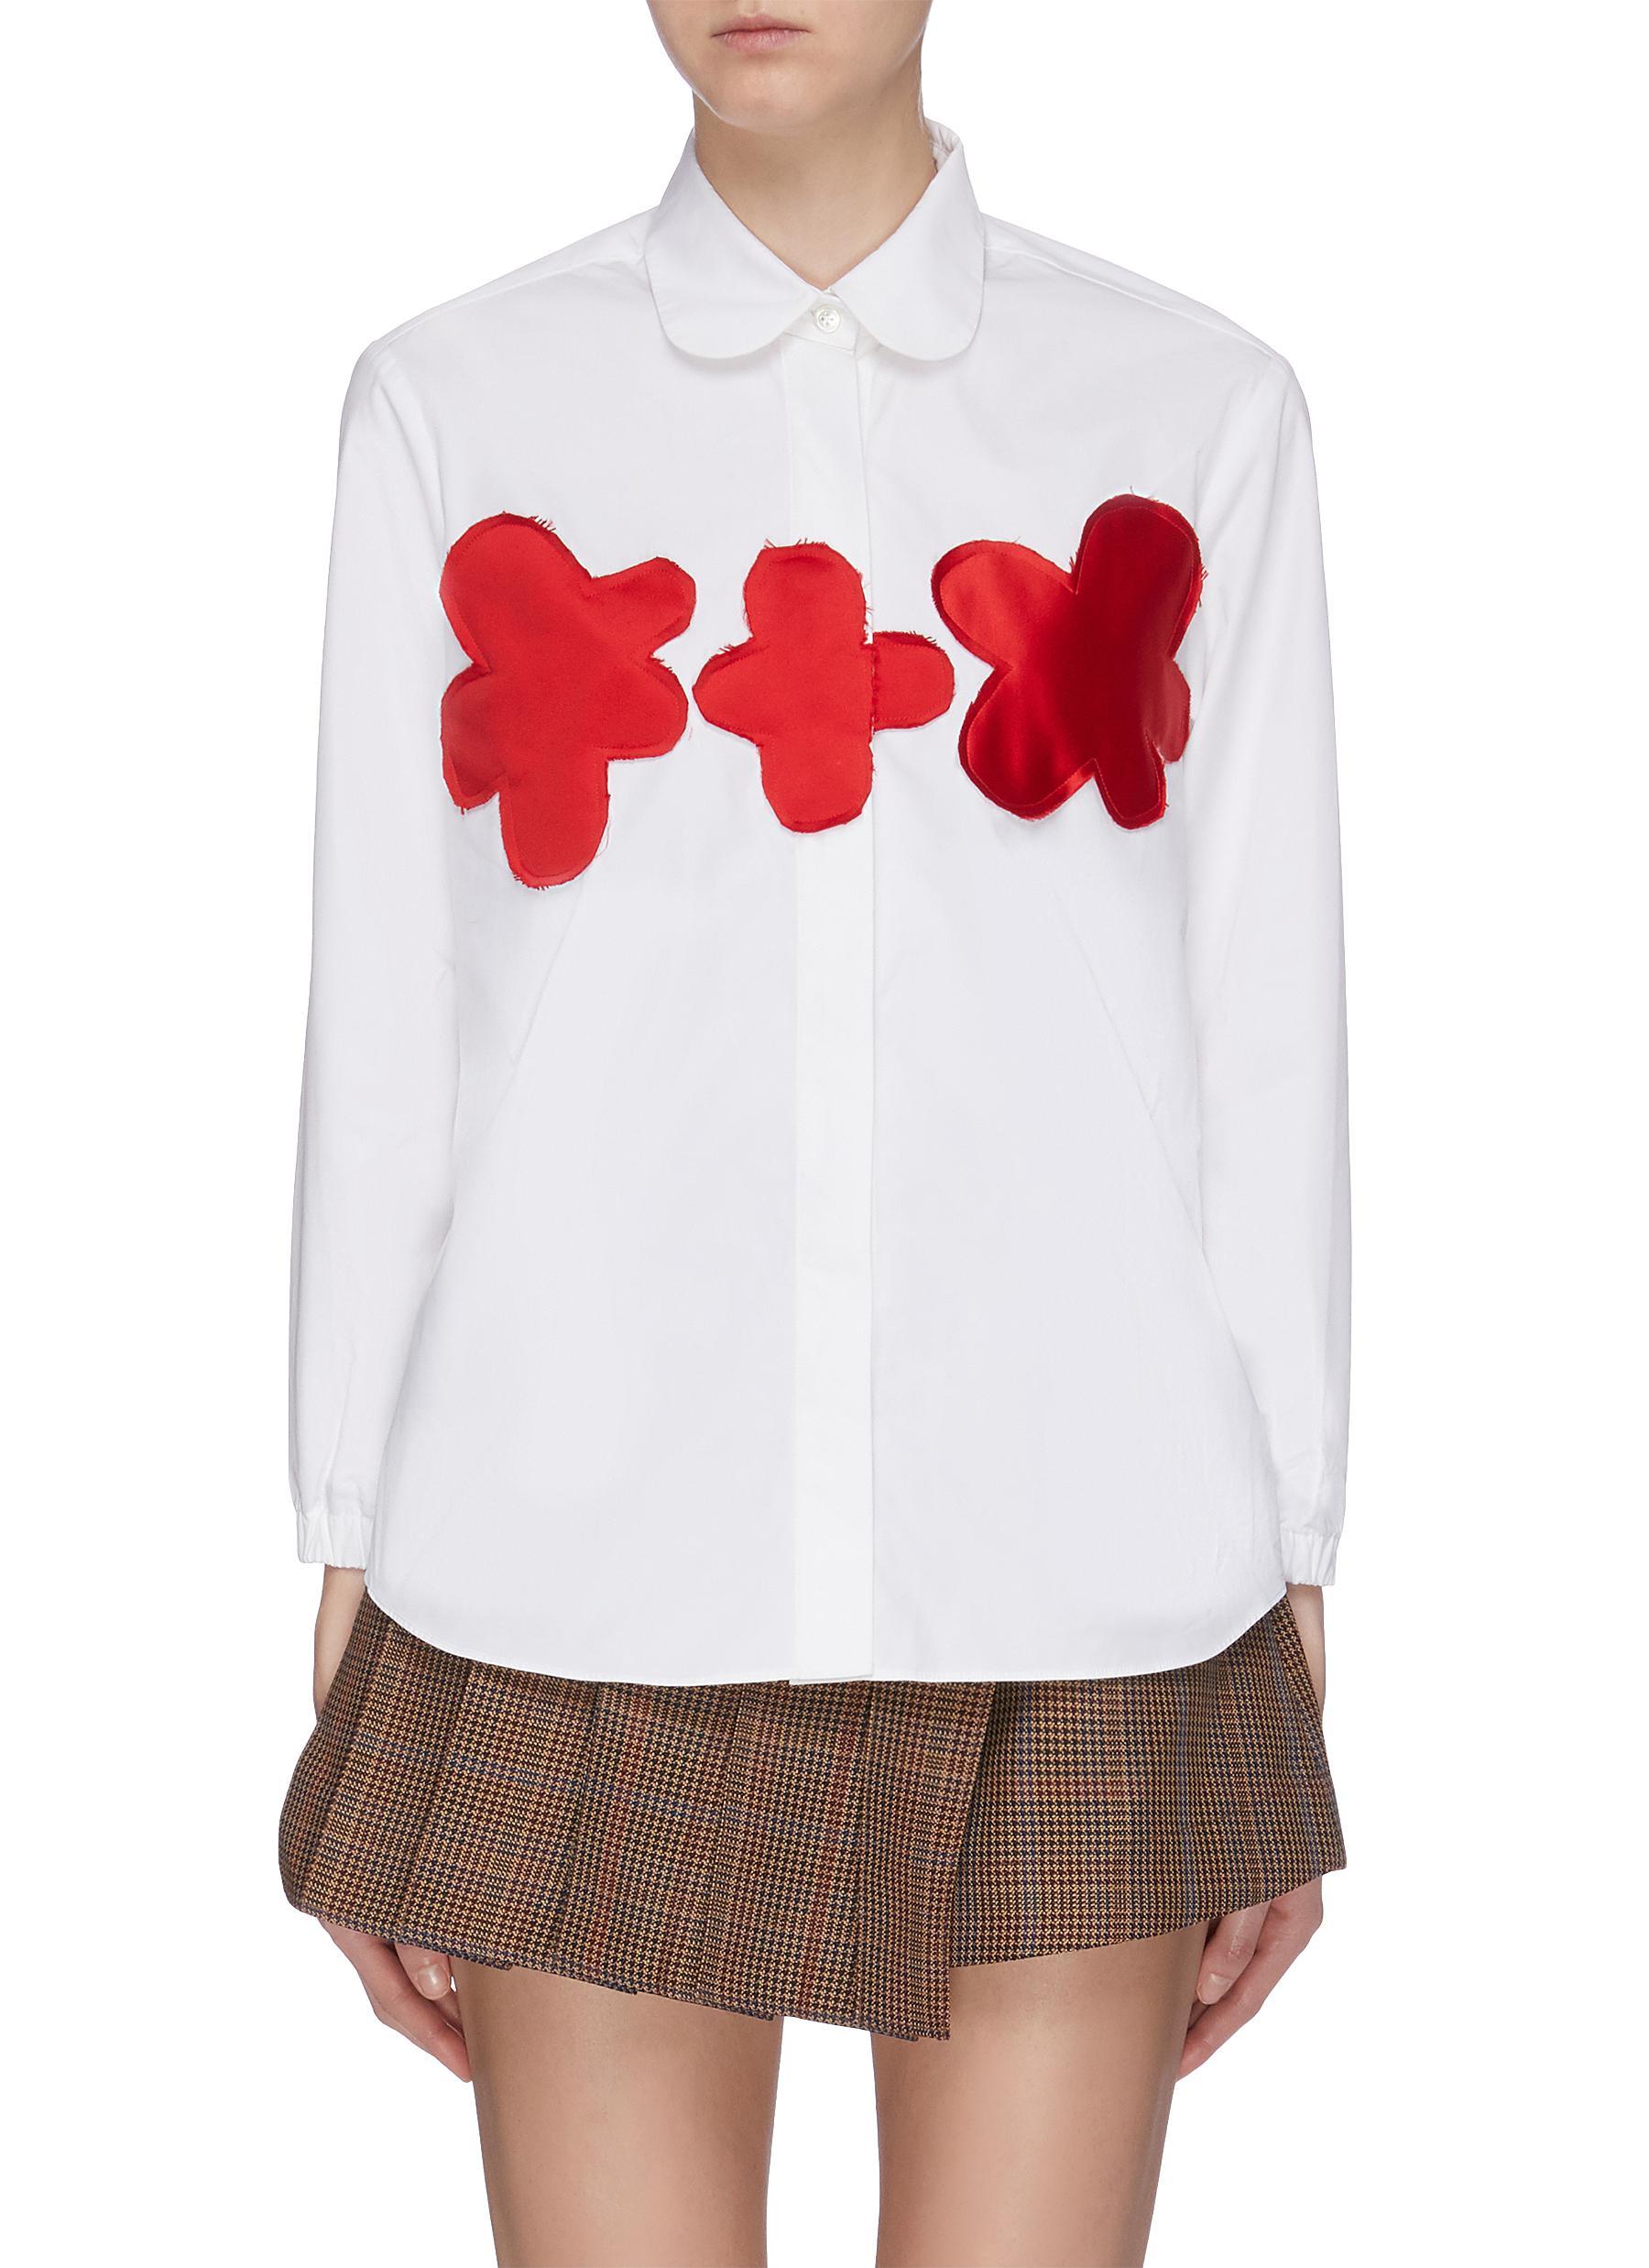 Satin floral patch Peter Pan collar shirt by Shushu/Tong